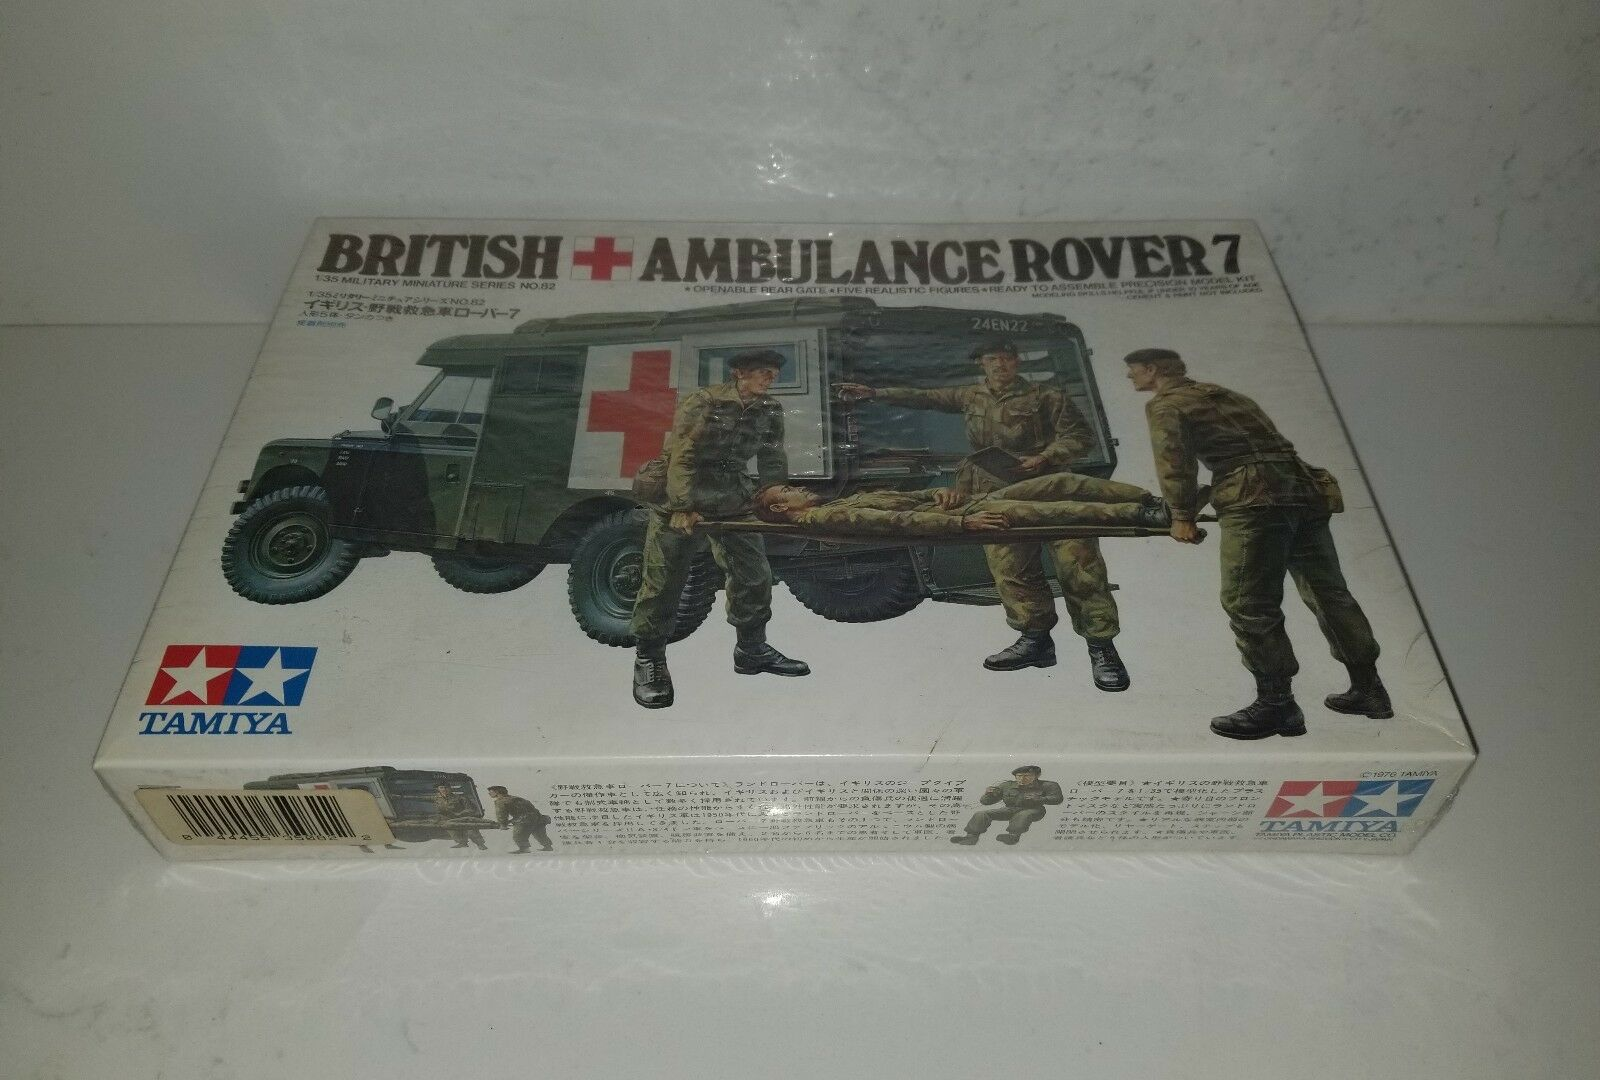 Tamiya 1 35 British Ambulance Rover 7 Plastic Model Kit